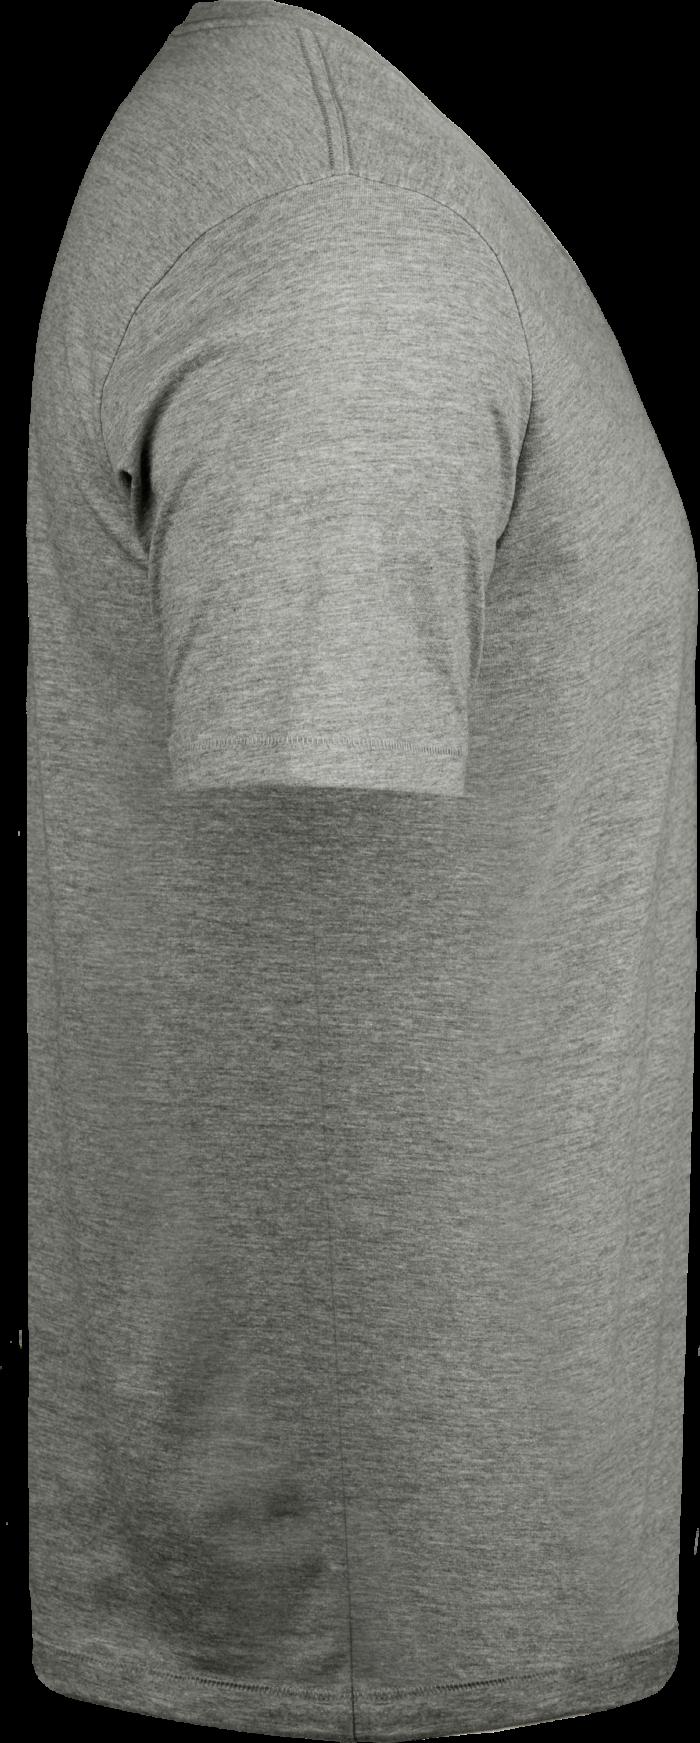 5004_100% coton ring-spun peigné (Bio) -Coton longues fibres -Lavage aux enzymes -Coton pré-rétréci -Col en V -Bande de propreté d'épaule à épaule -Couture double -Coupe ajustée, Tee Jays, 109 t-shirts